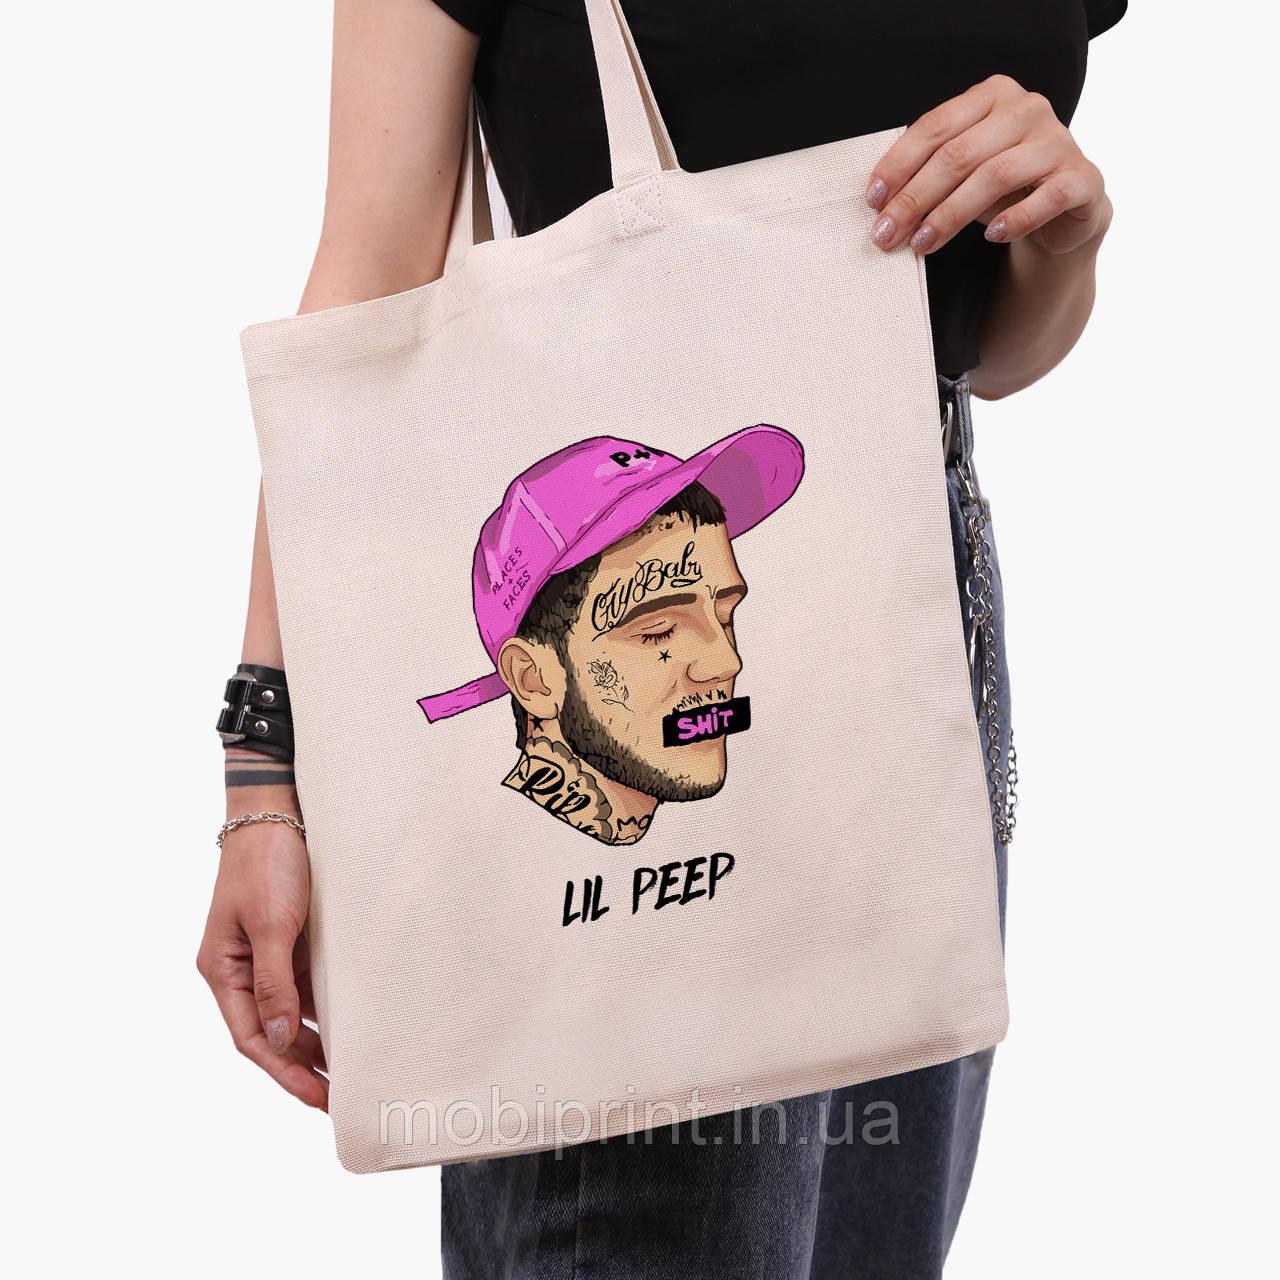 Еко сумка шоппер Лив Піп (Lil Peep) (9227-2635) 41*35 см